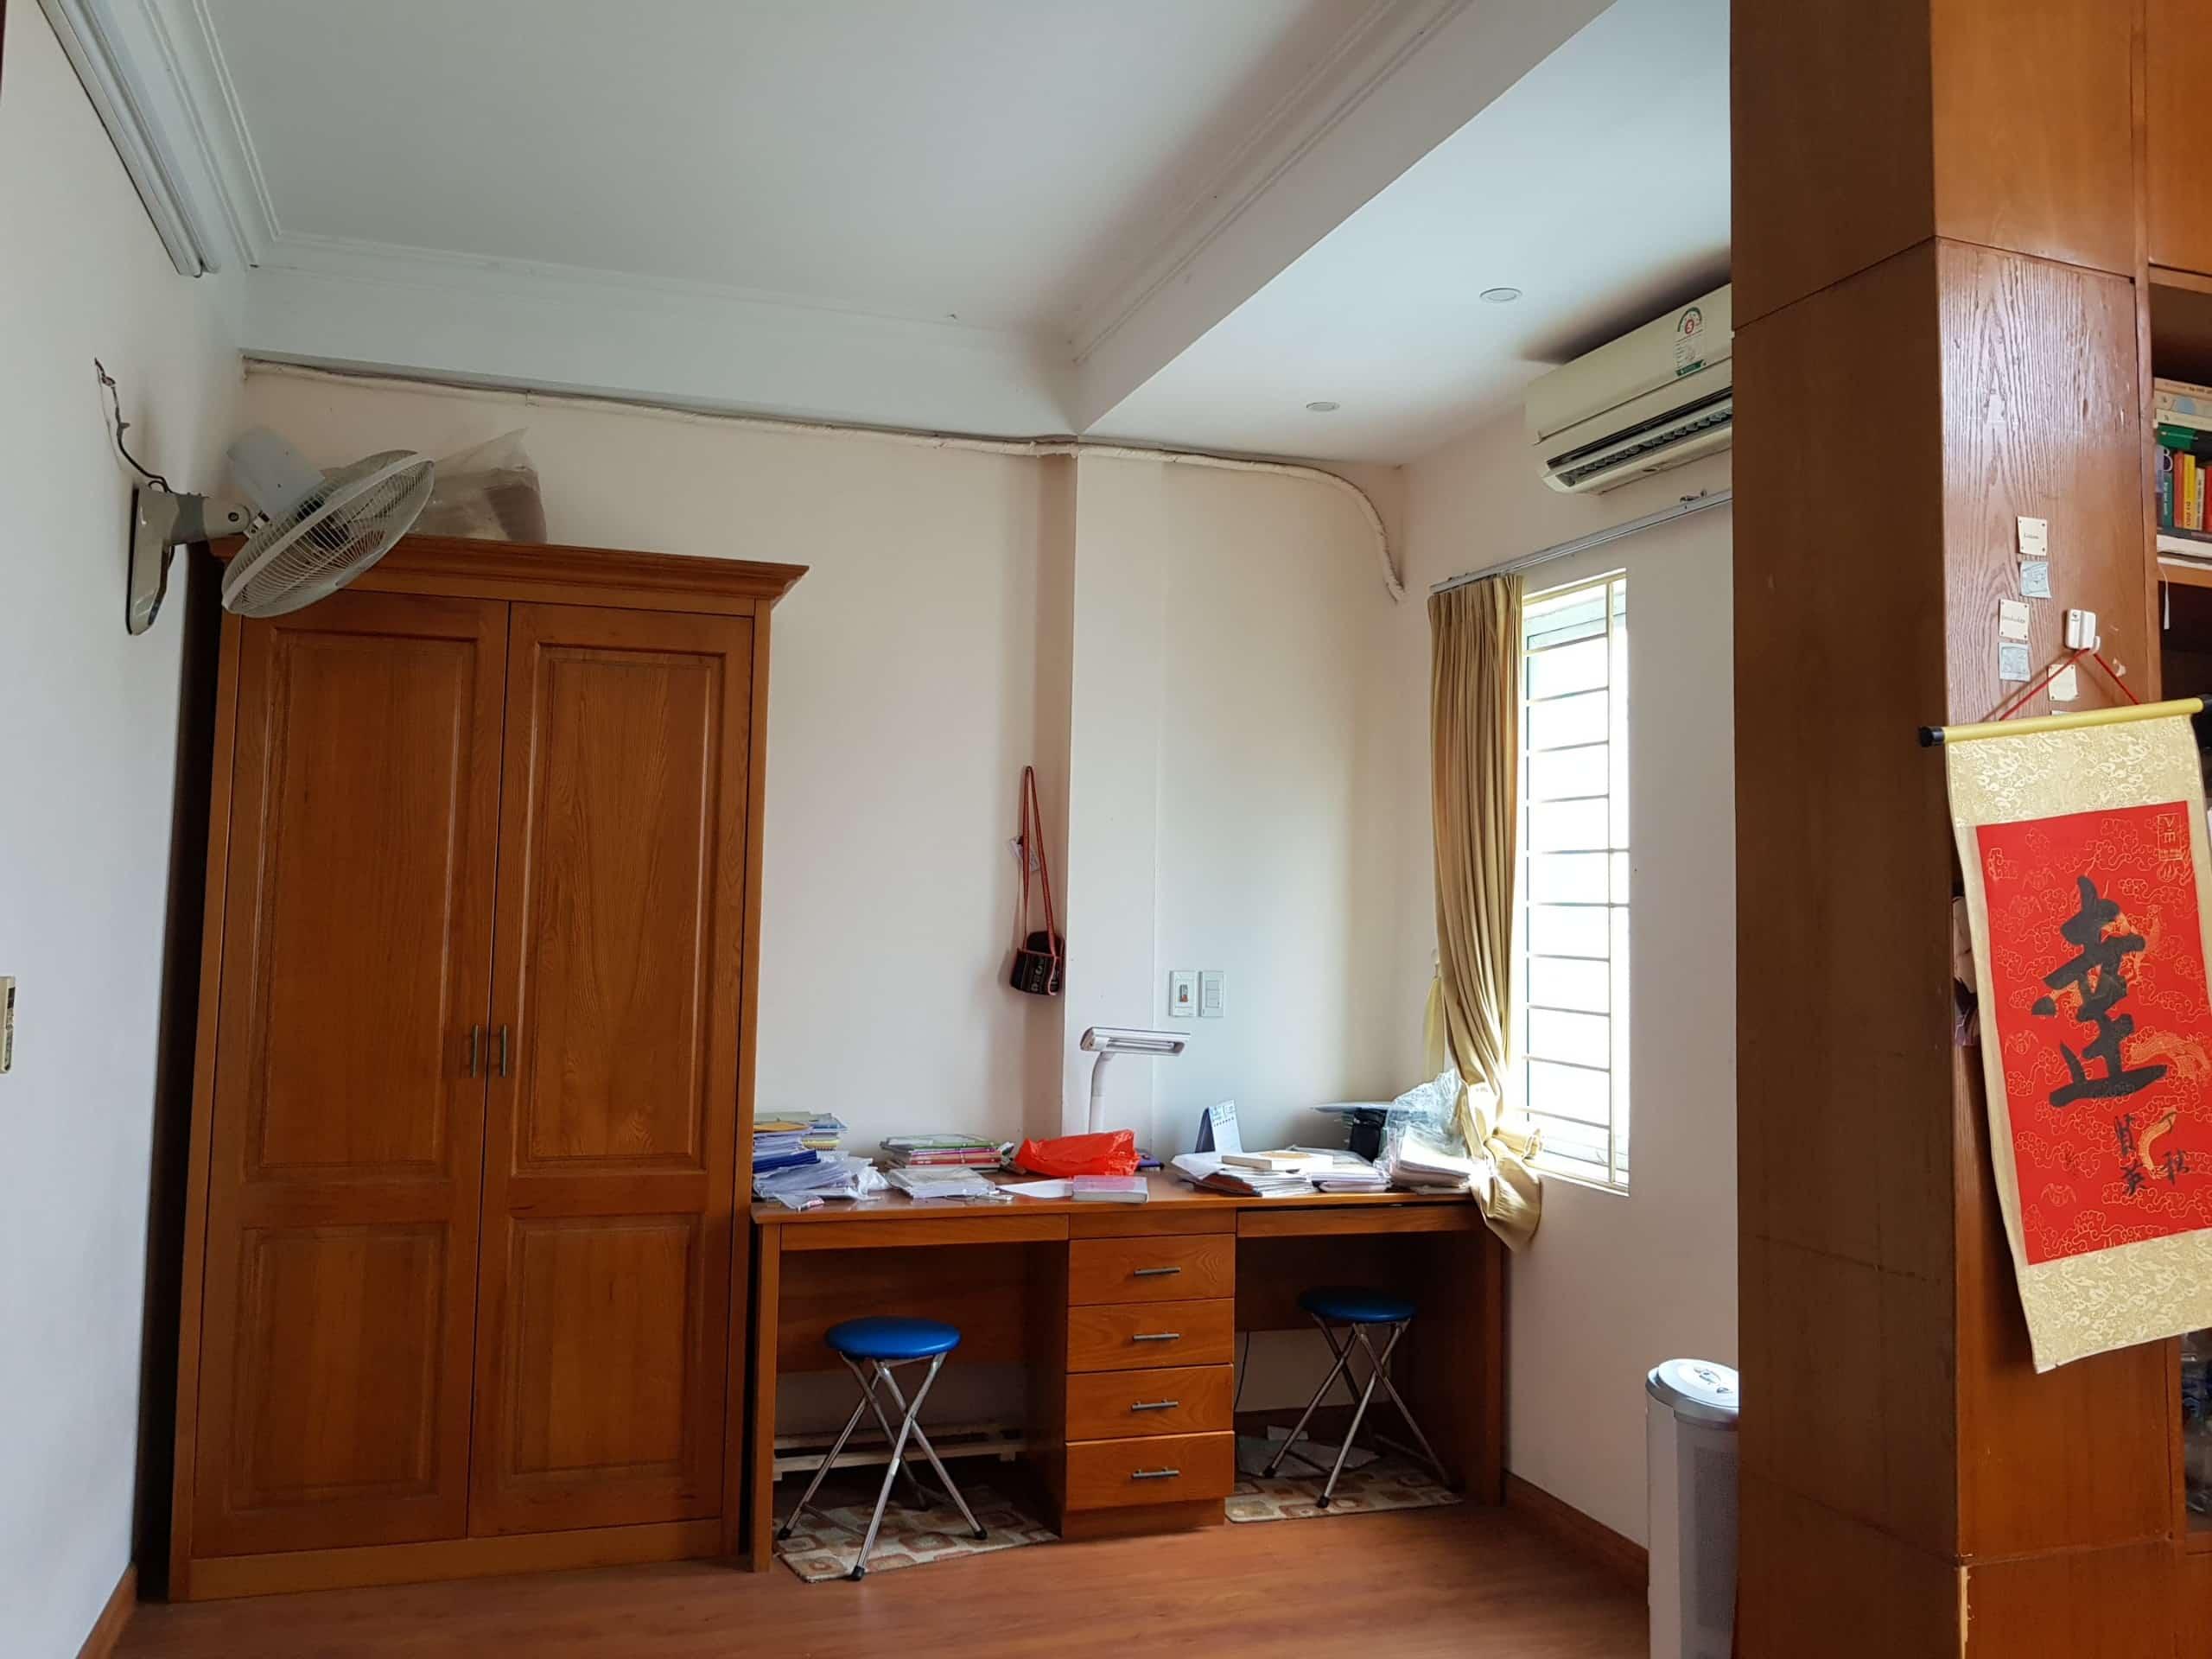 Phòng ngủ nhà ngõ phố Tứ Kỳ - có tất cả 4 phòng ngủ